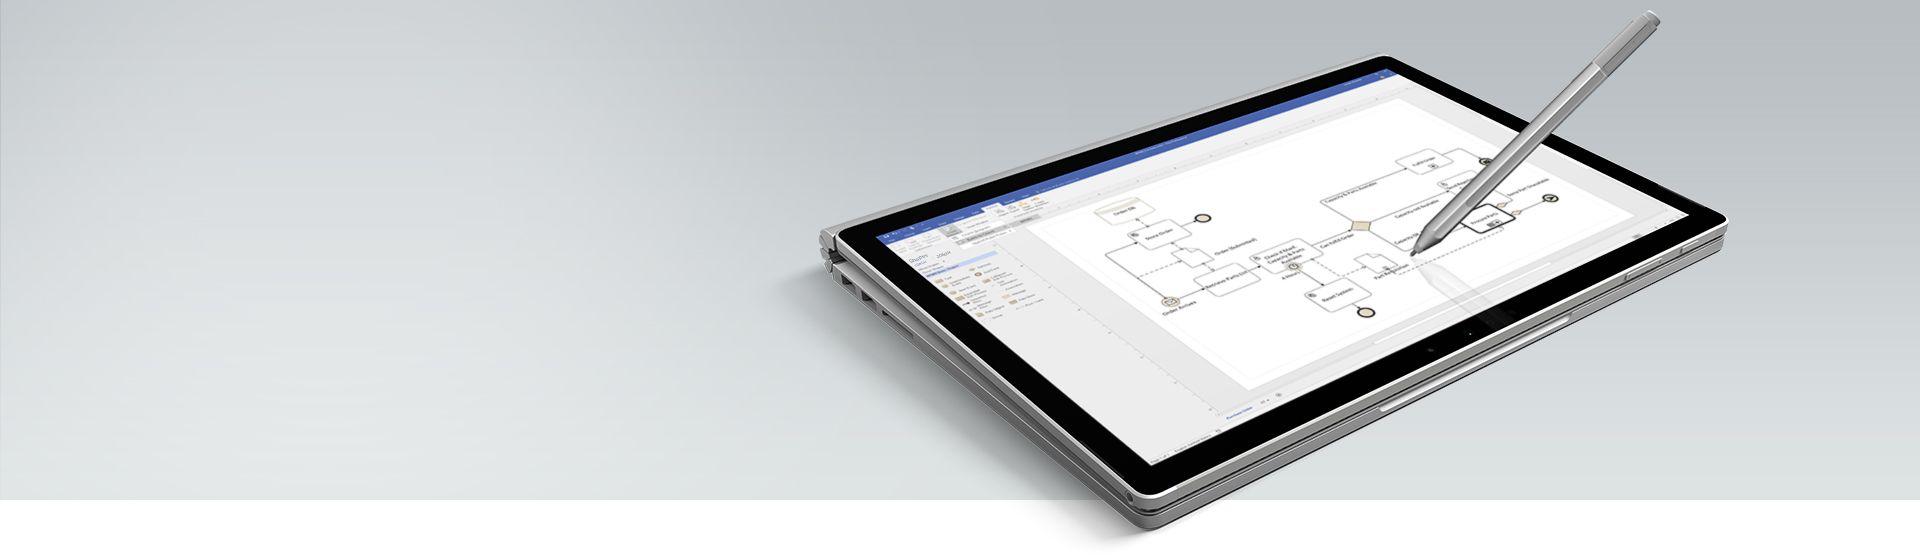 Een Surface-tablet met een procesdiagram in Visio